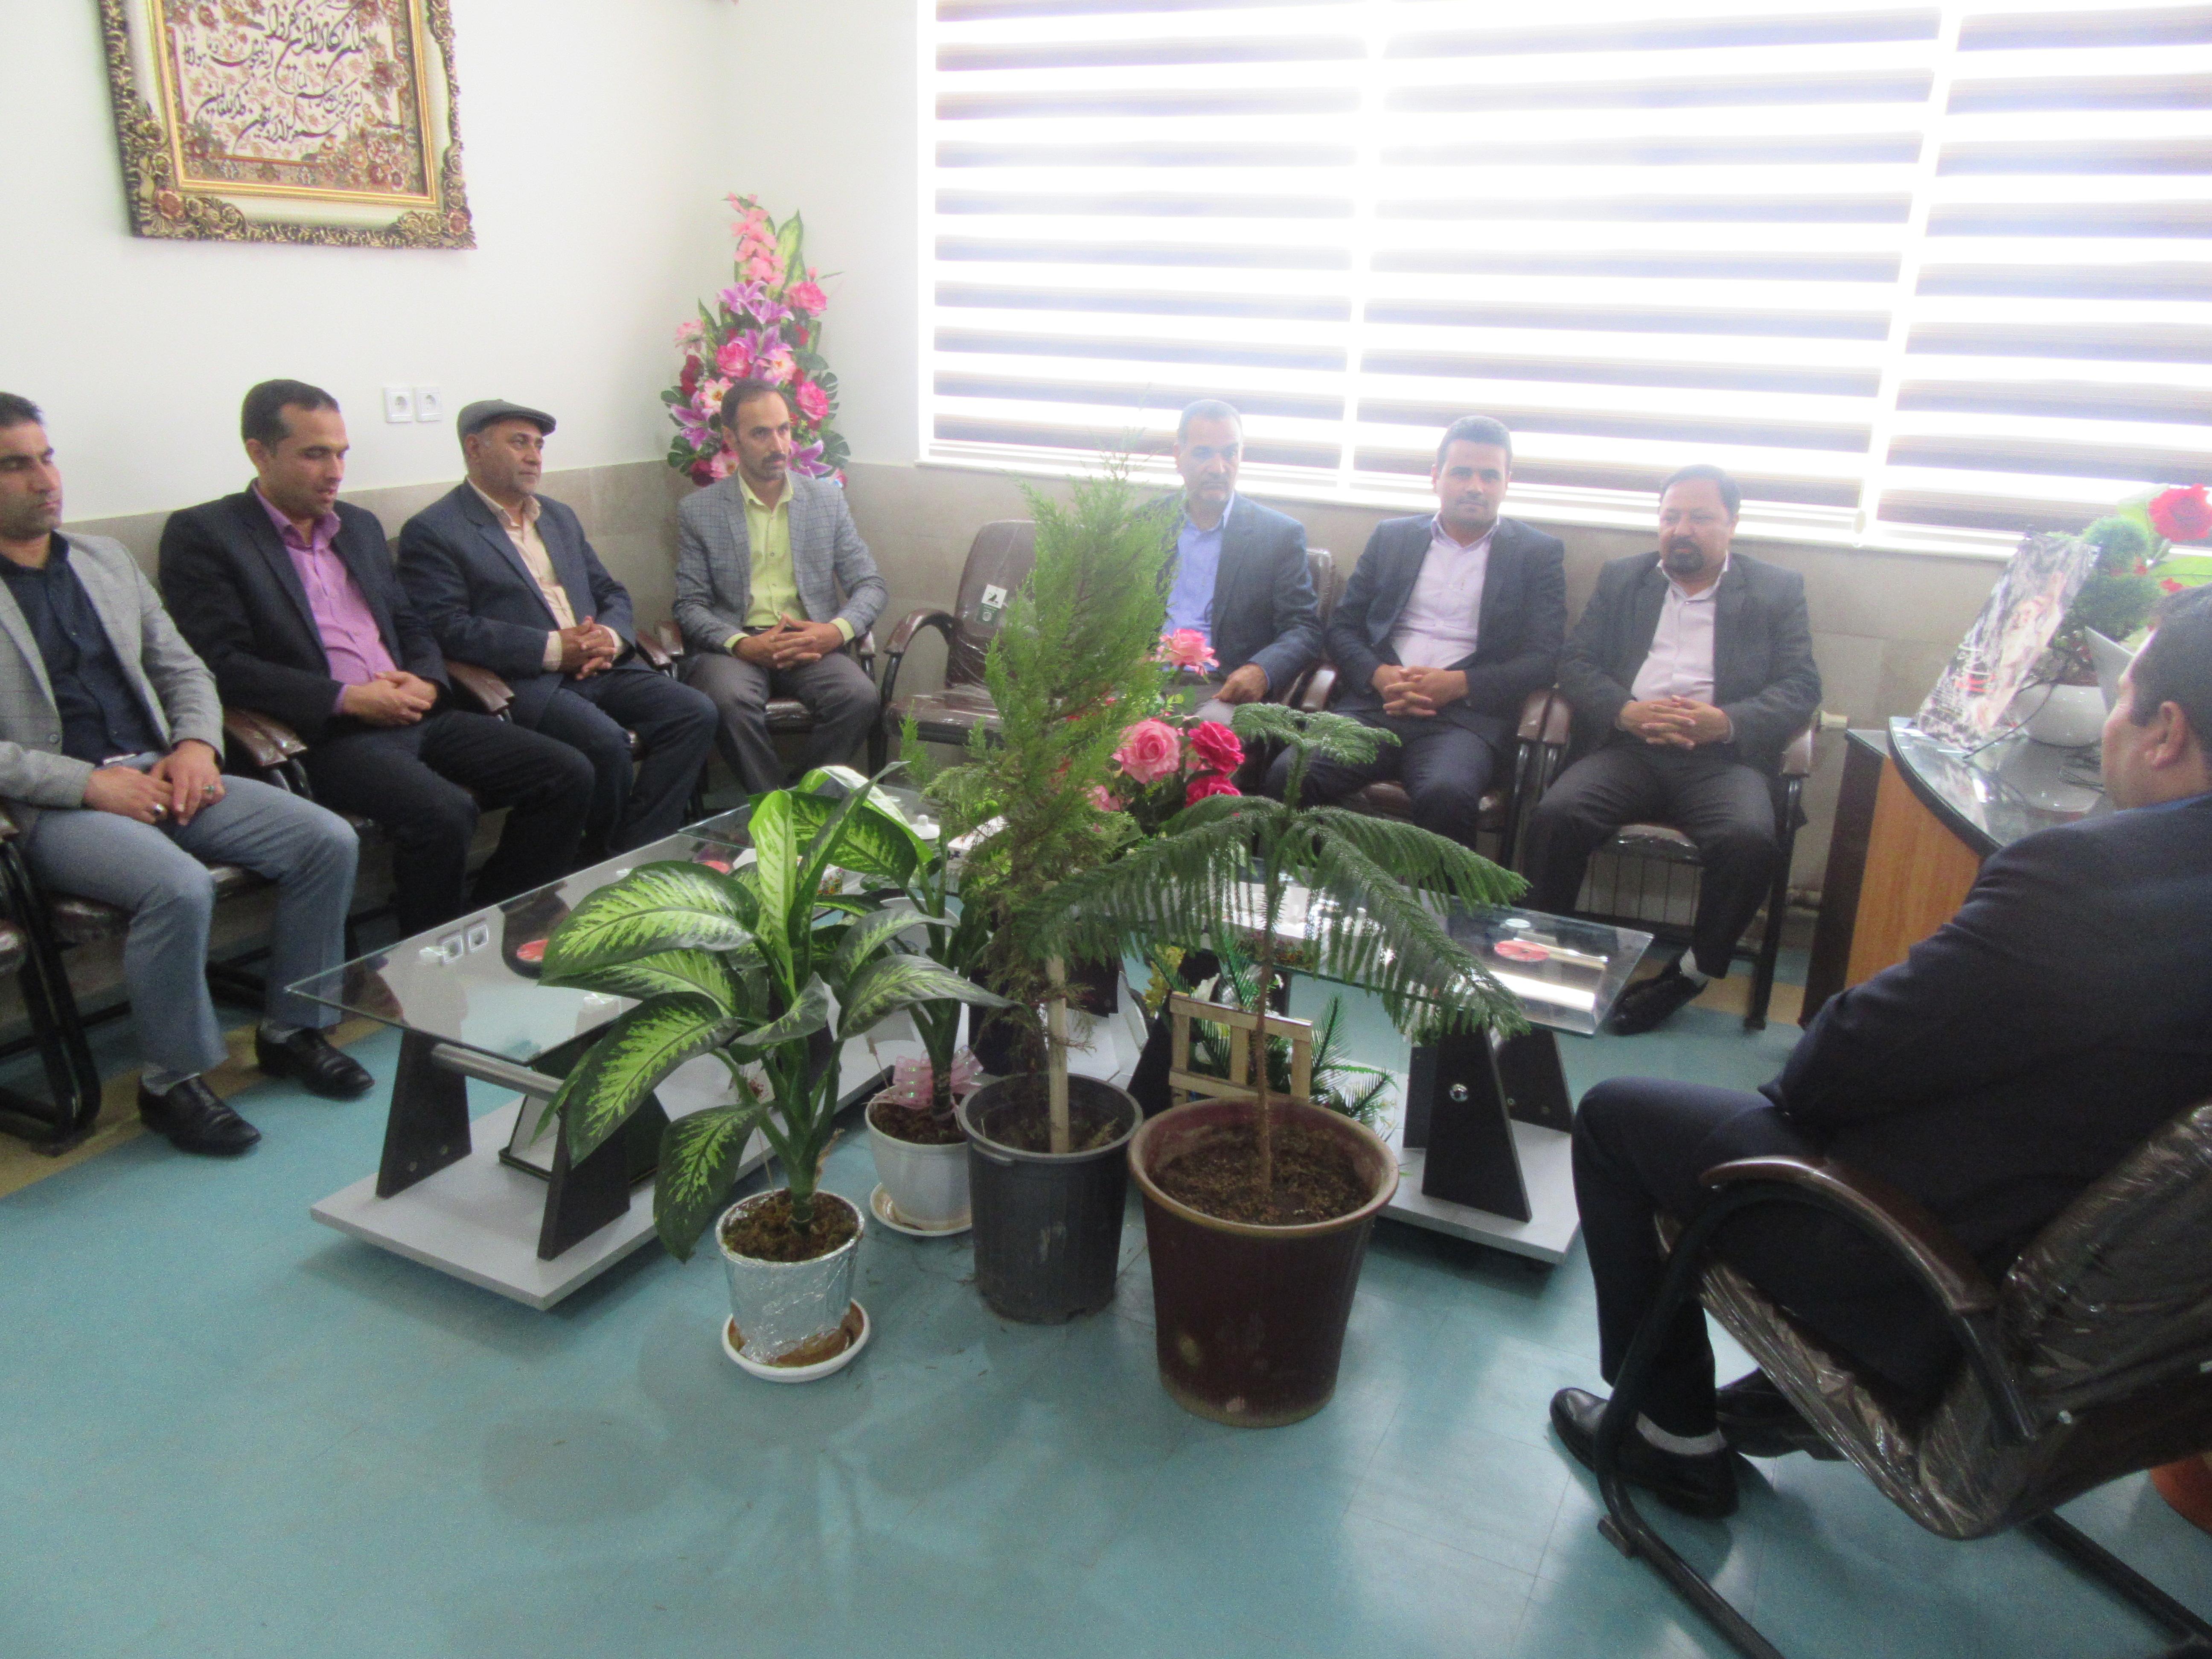 به مناسبت هفته بزرگداشت مقام معلم سرپرست فرمانداری خواف با مدیریت آموزش و پروش شهرستان دیدار نمودند.